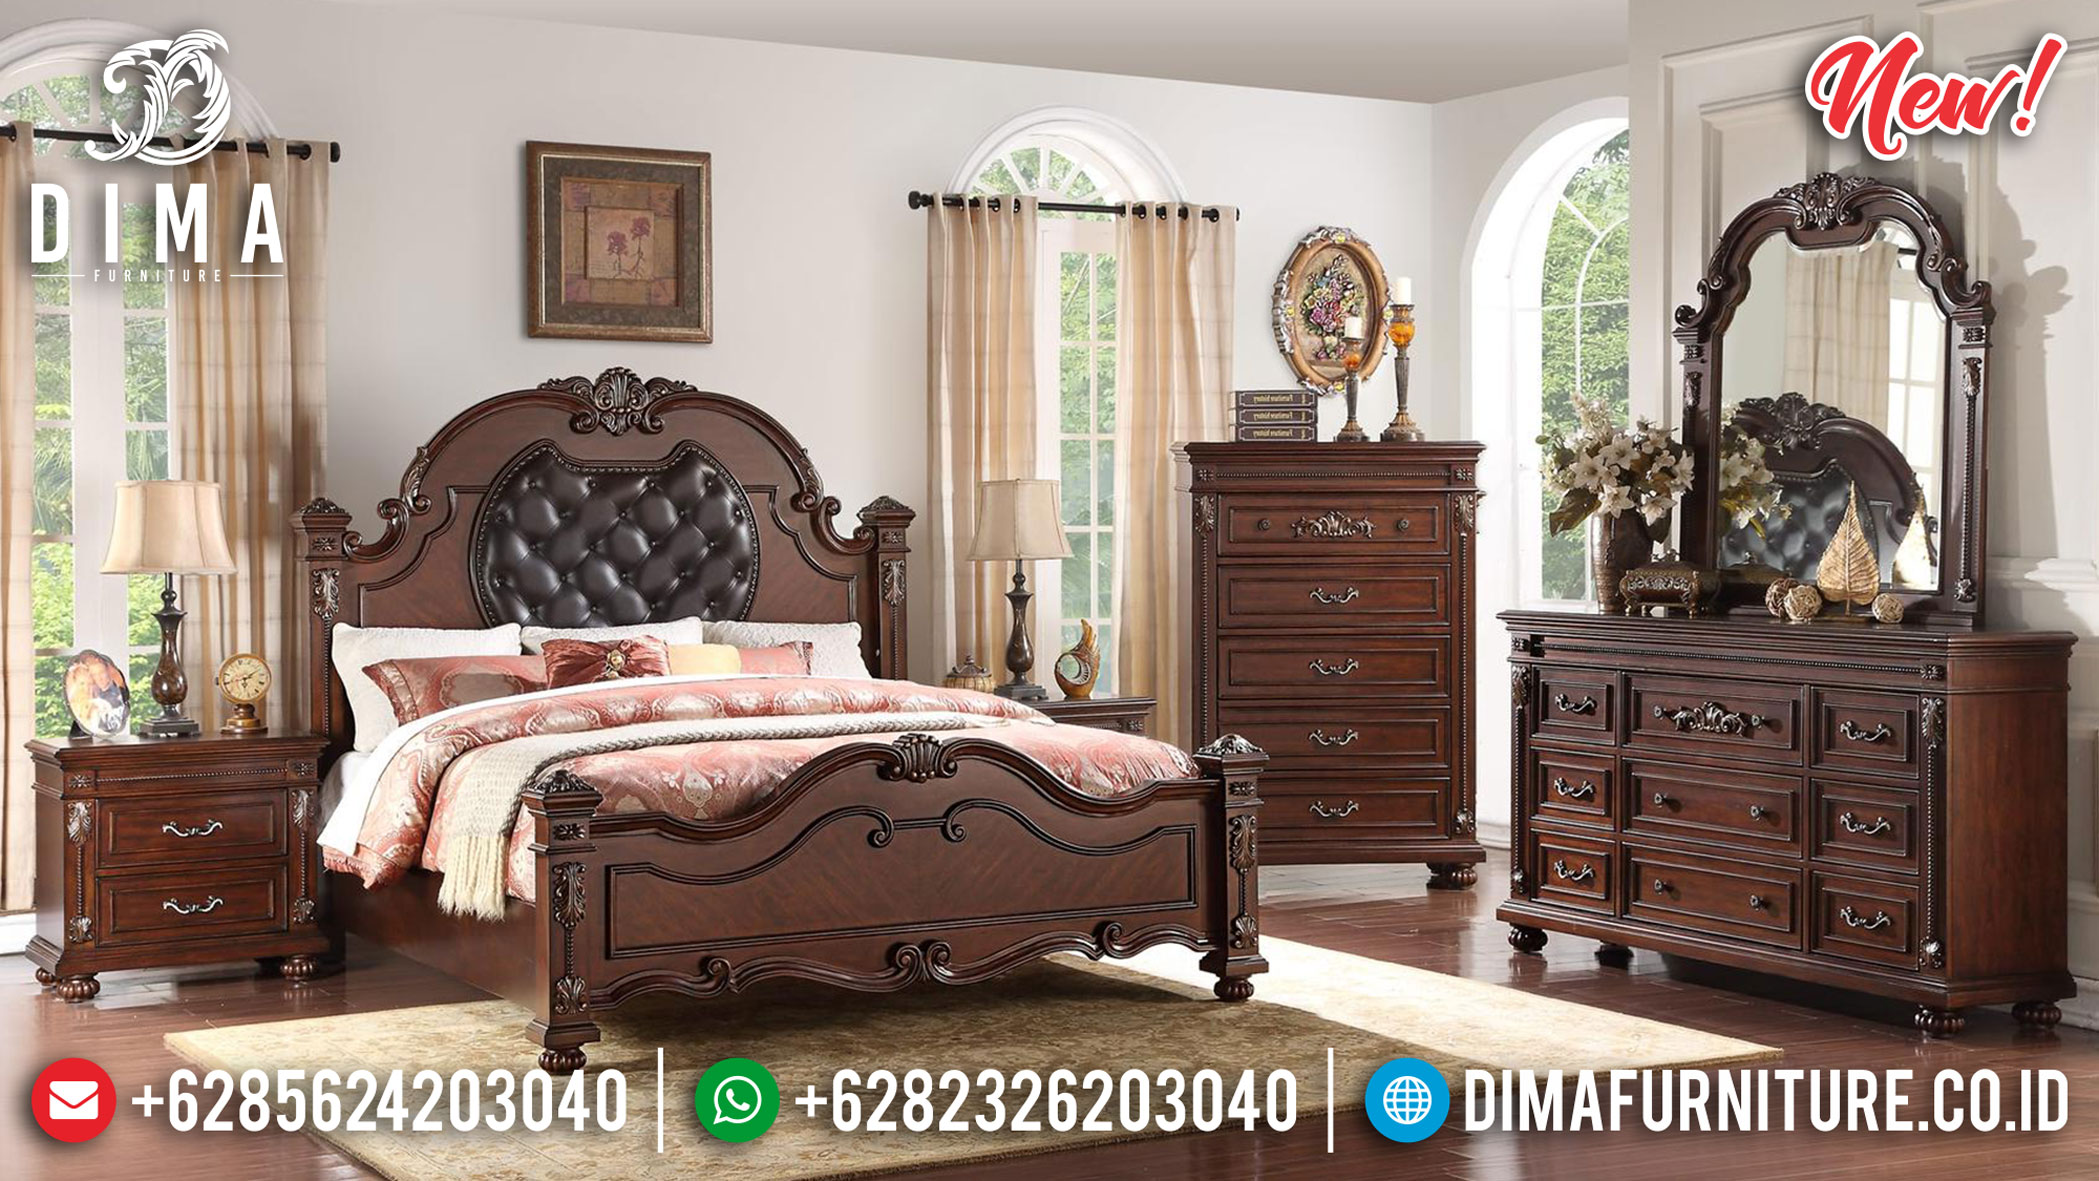 Best Grade Tempat Tidur Jati Natural Classic Luxury Carving Jepara TTJ-1001